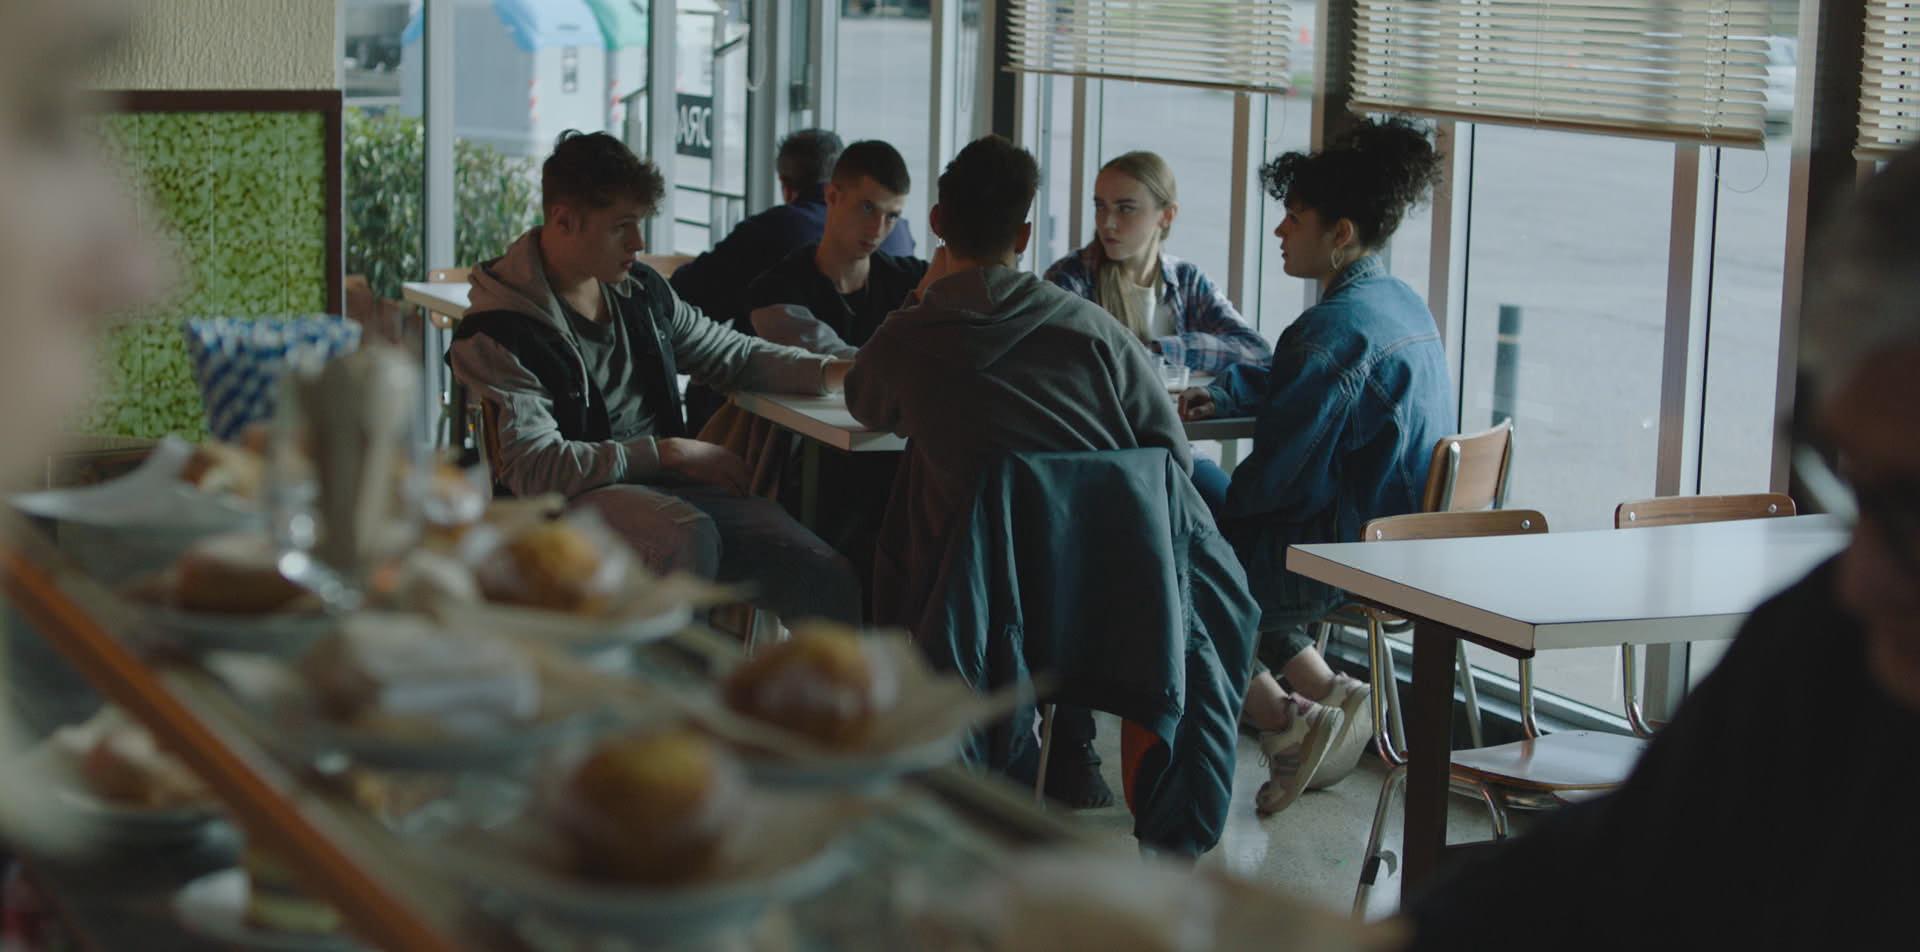 Fotograma de 'Moebius', amb alguns dels seus joves protagonistes (ACN)